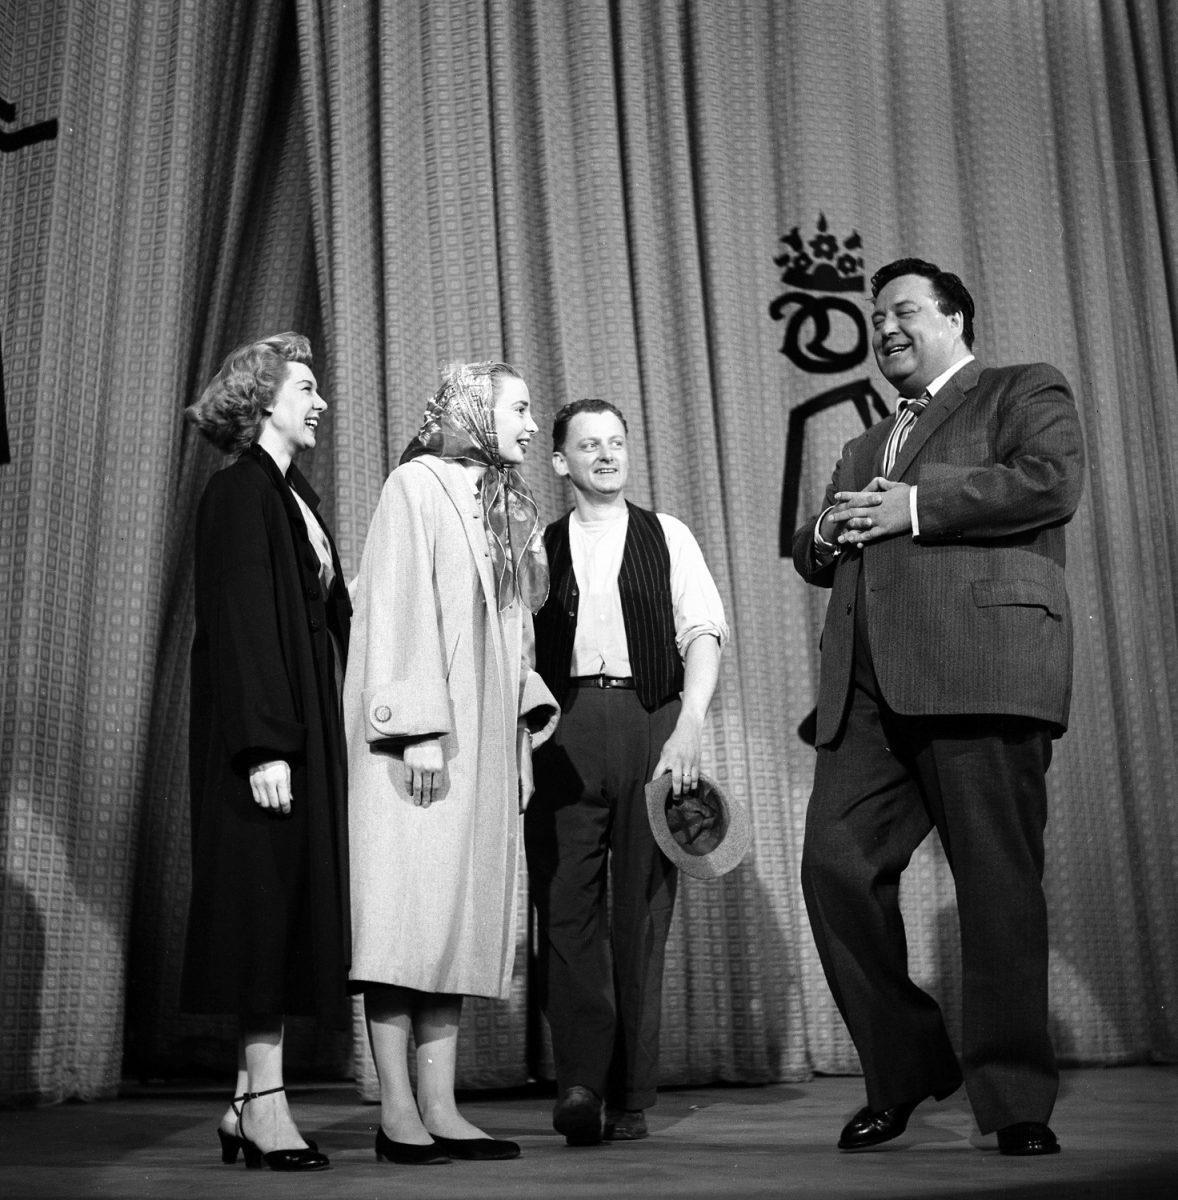 Joyce Randolph, Audrey Meadows, Art Carney et Jackie Gleason sur scène après le 'The Jackie Gleason Show'